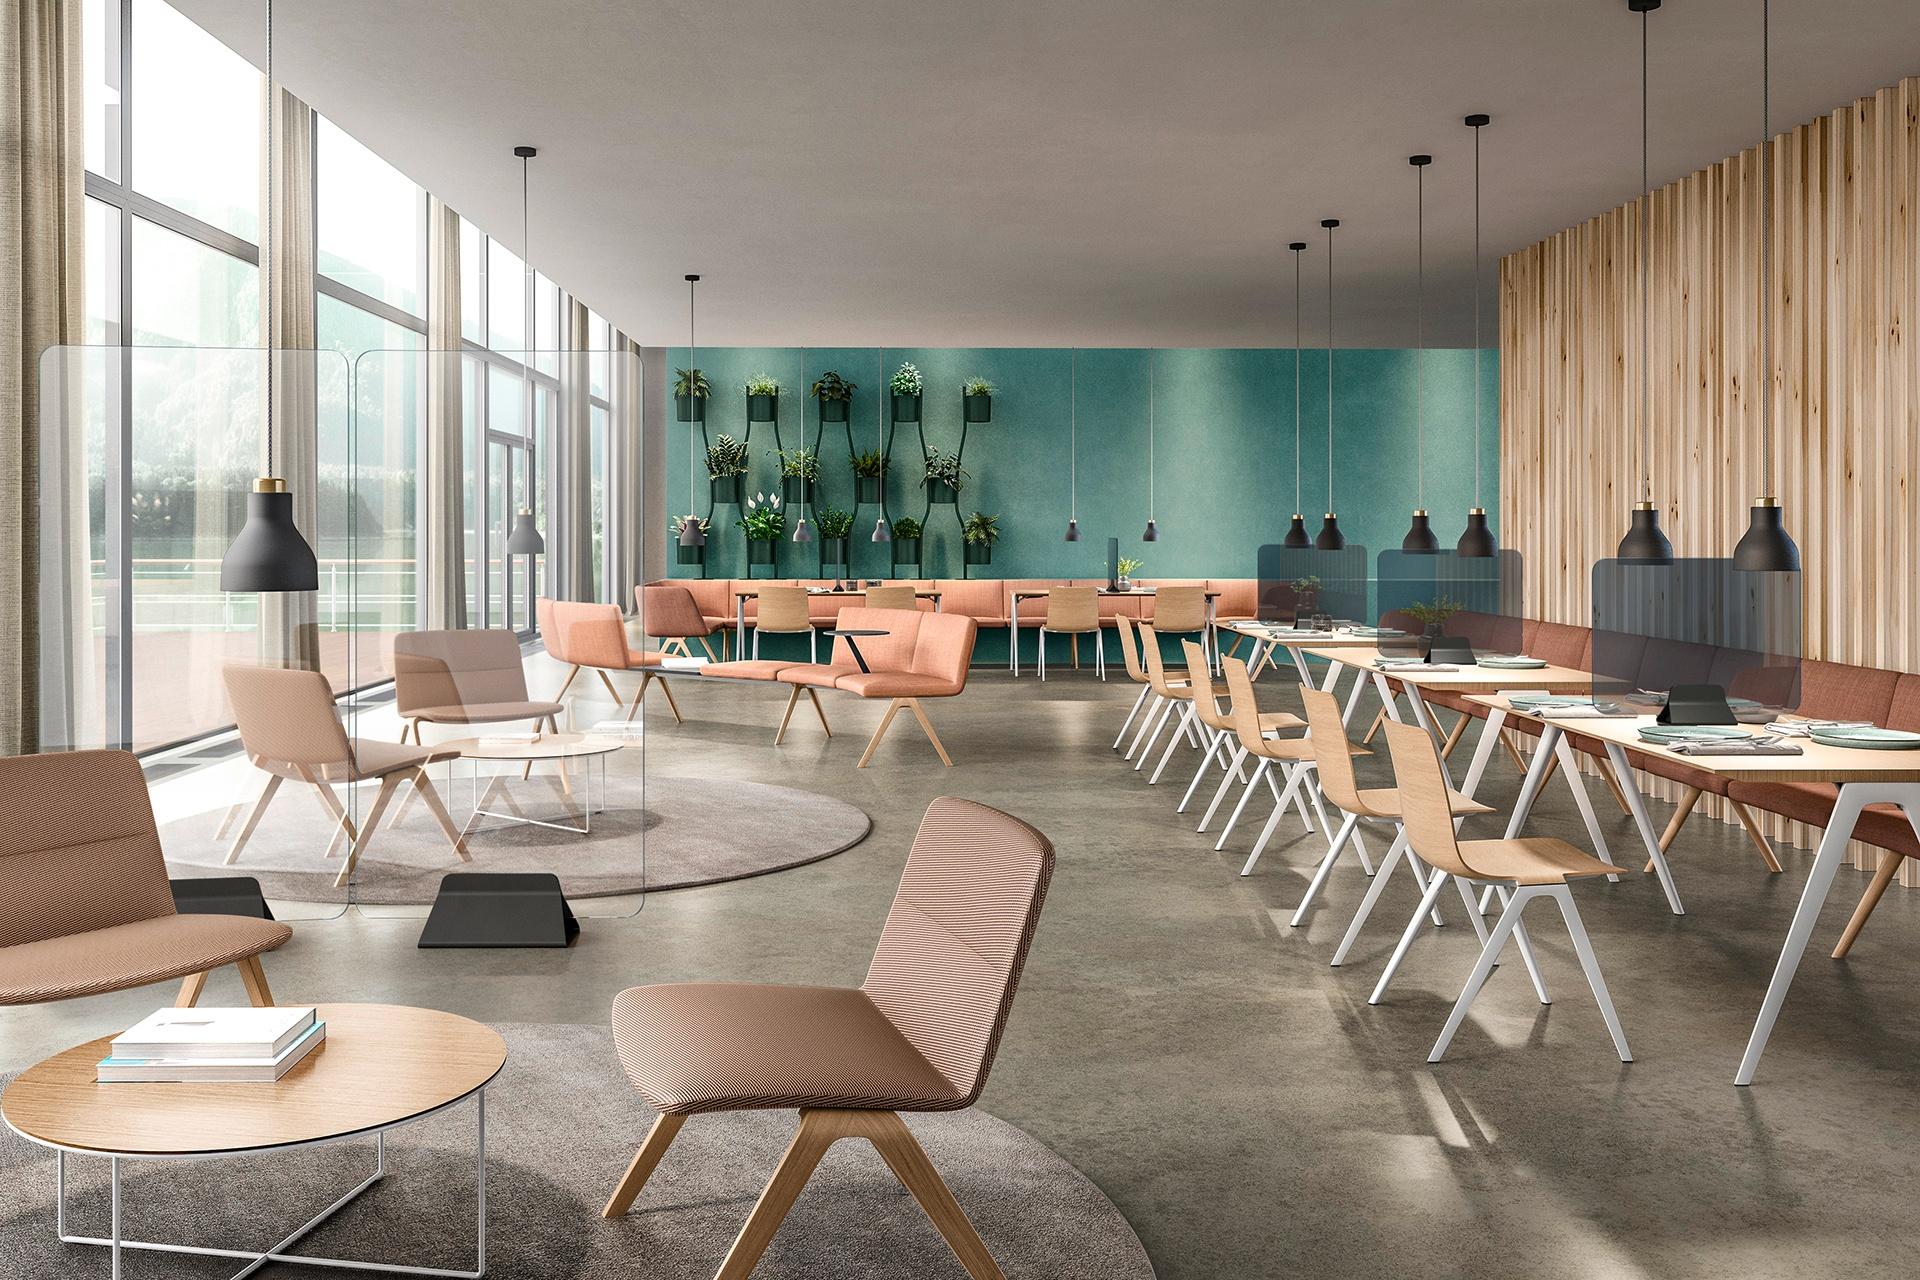 Møbler fra Brunner: Stilrent og funktionelt design, der er let at rengøre